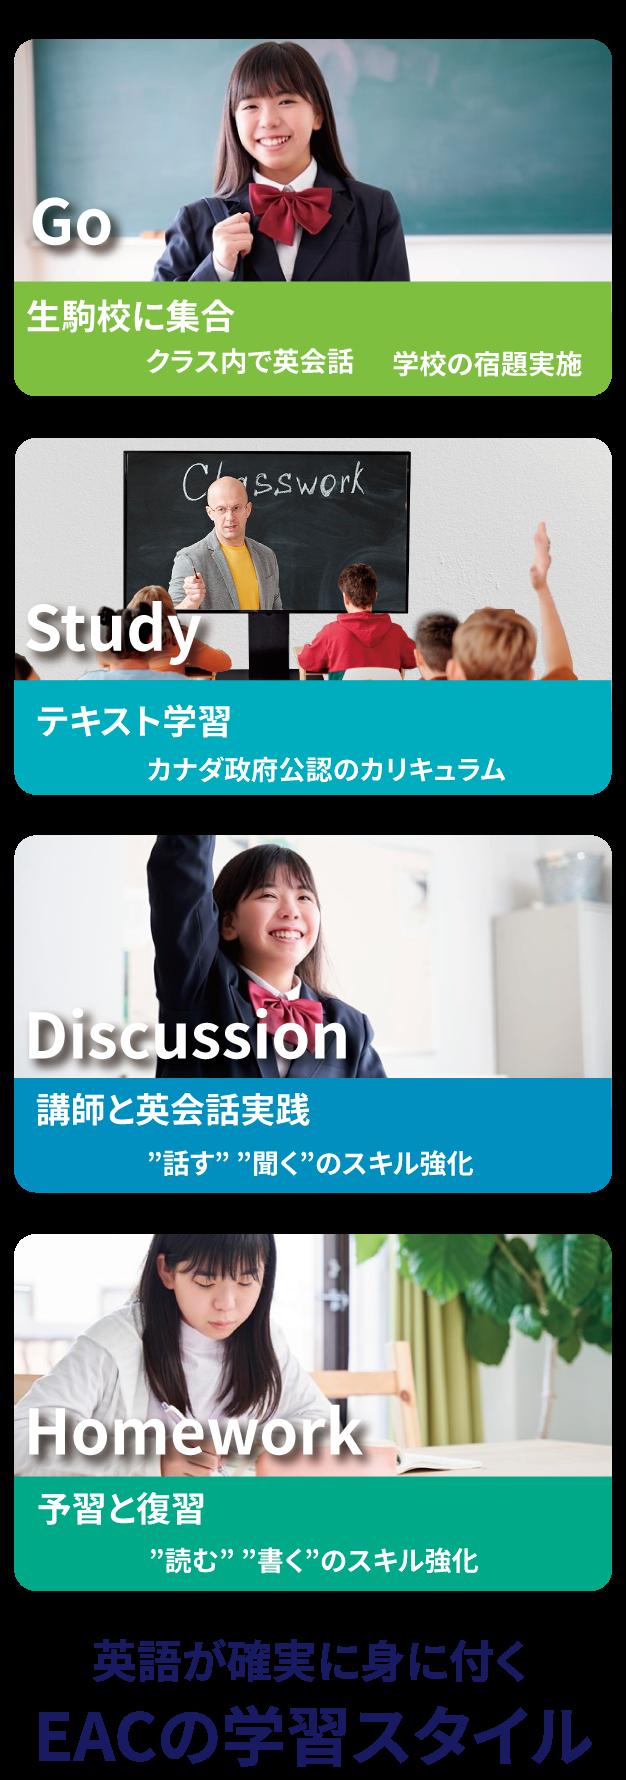 英語が確実に身に付く EAC 学習スタイル